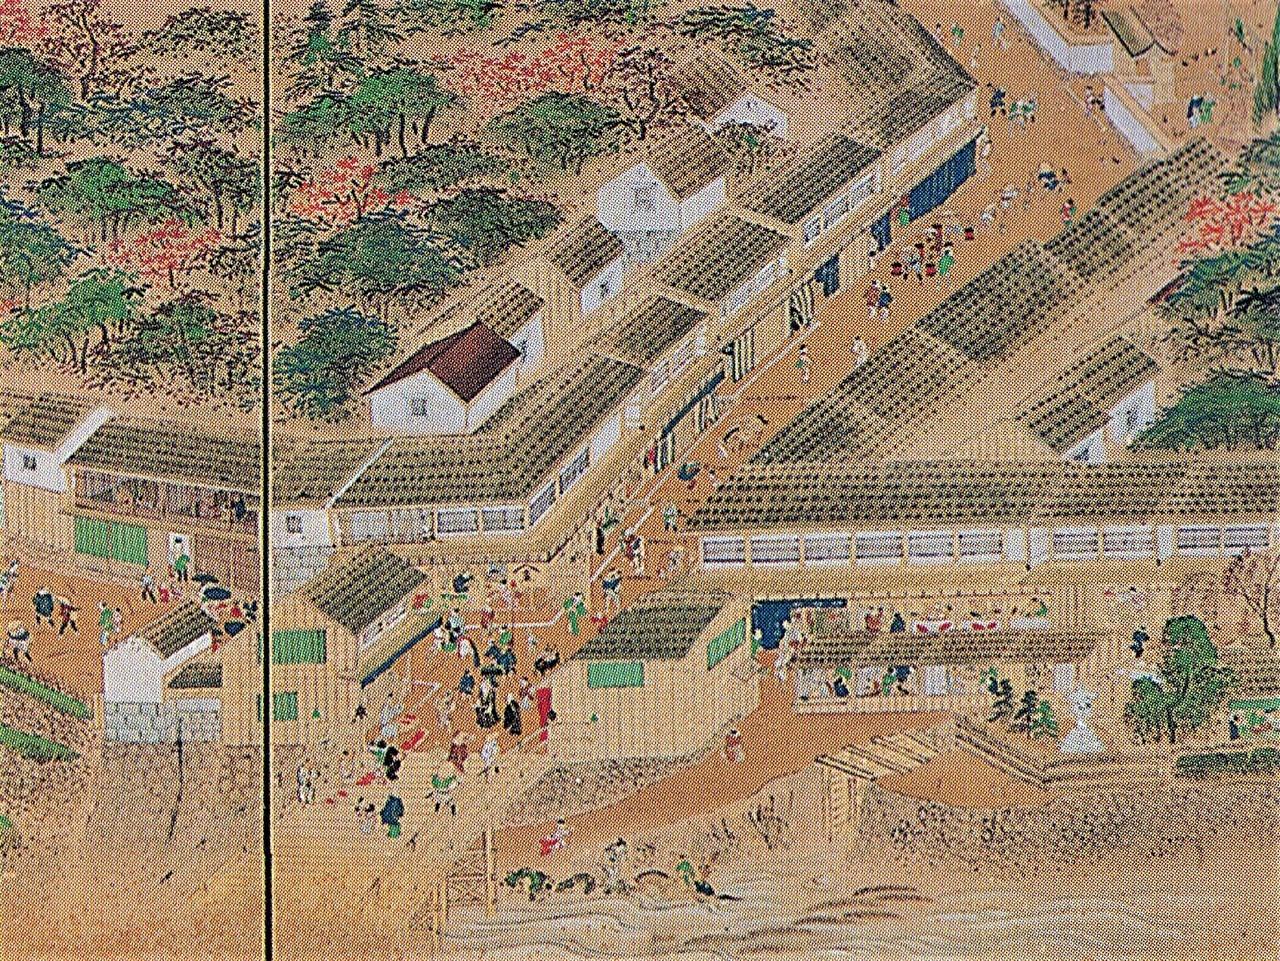 『金沢城下図屏風(犀川口町図)』(19世紀)に描かれた瓶割坂。左へ蛤坂